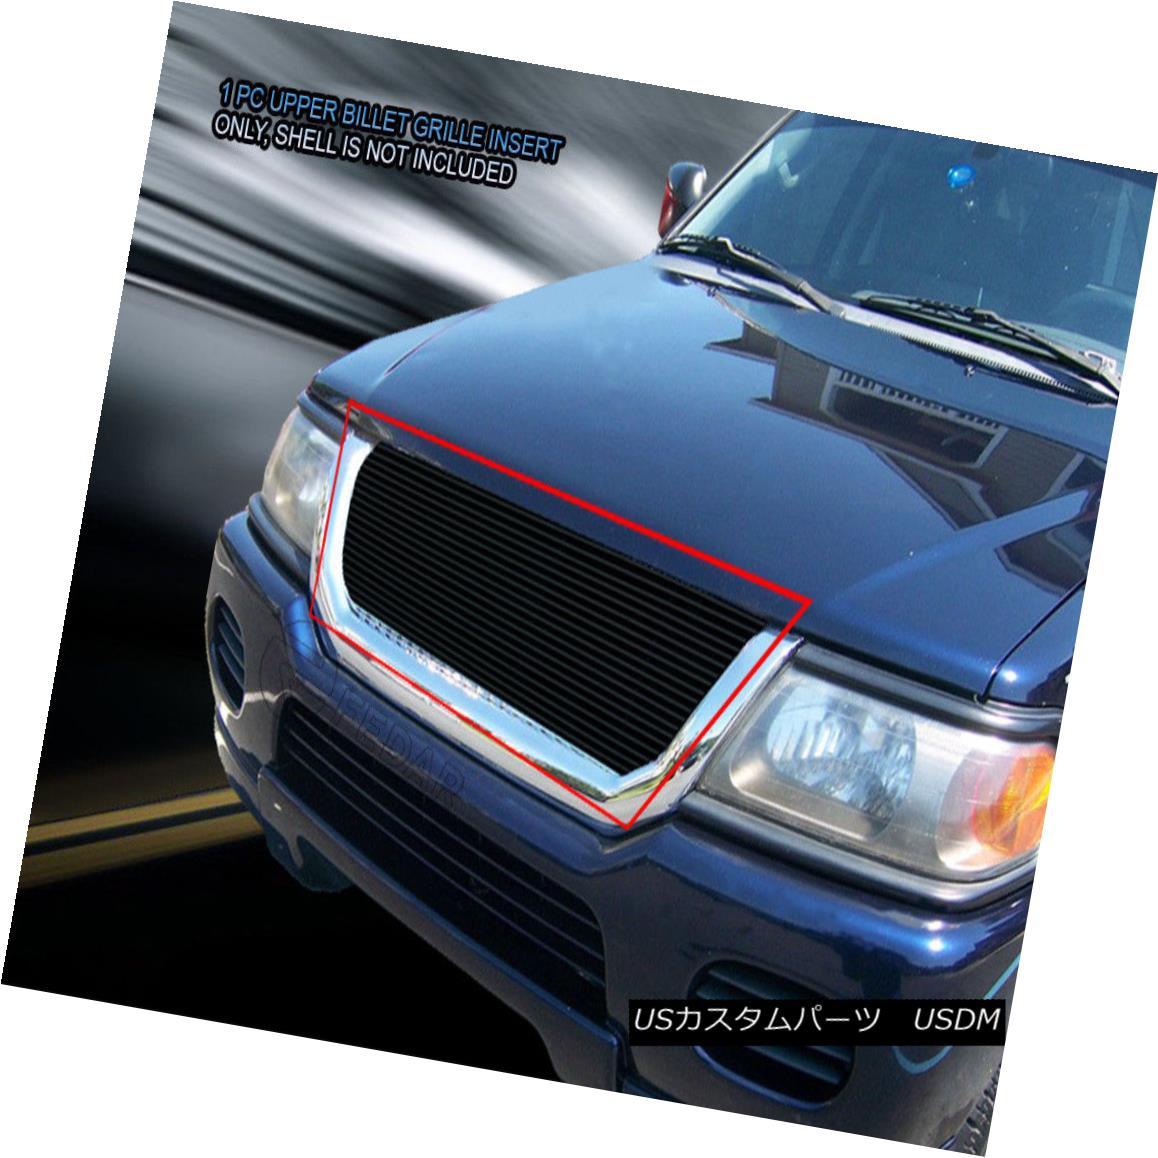 グリル For 01-04 Mitsubishi Montero Sport Black Billet Grille Grill Insert Fedar 01-04ミツビシモンテロスポーツブラックビレットグリルグリルインサートフェルダ